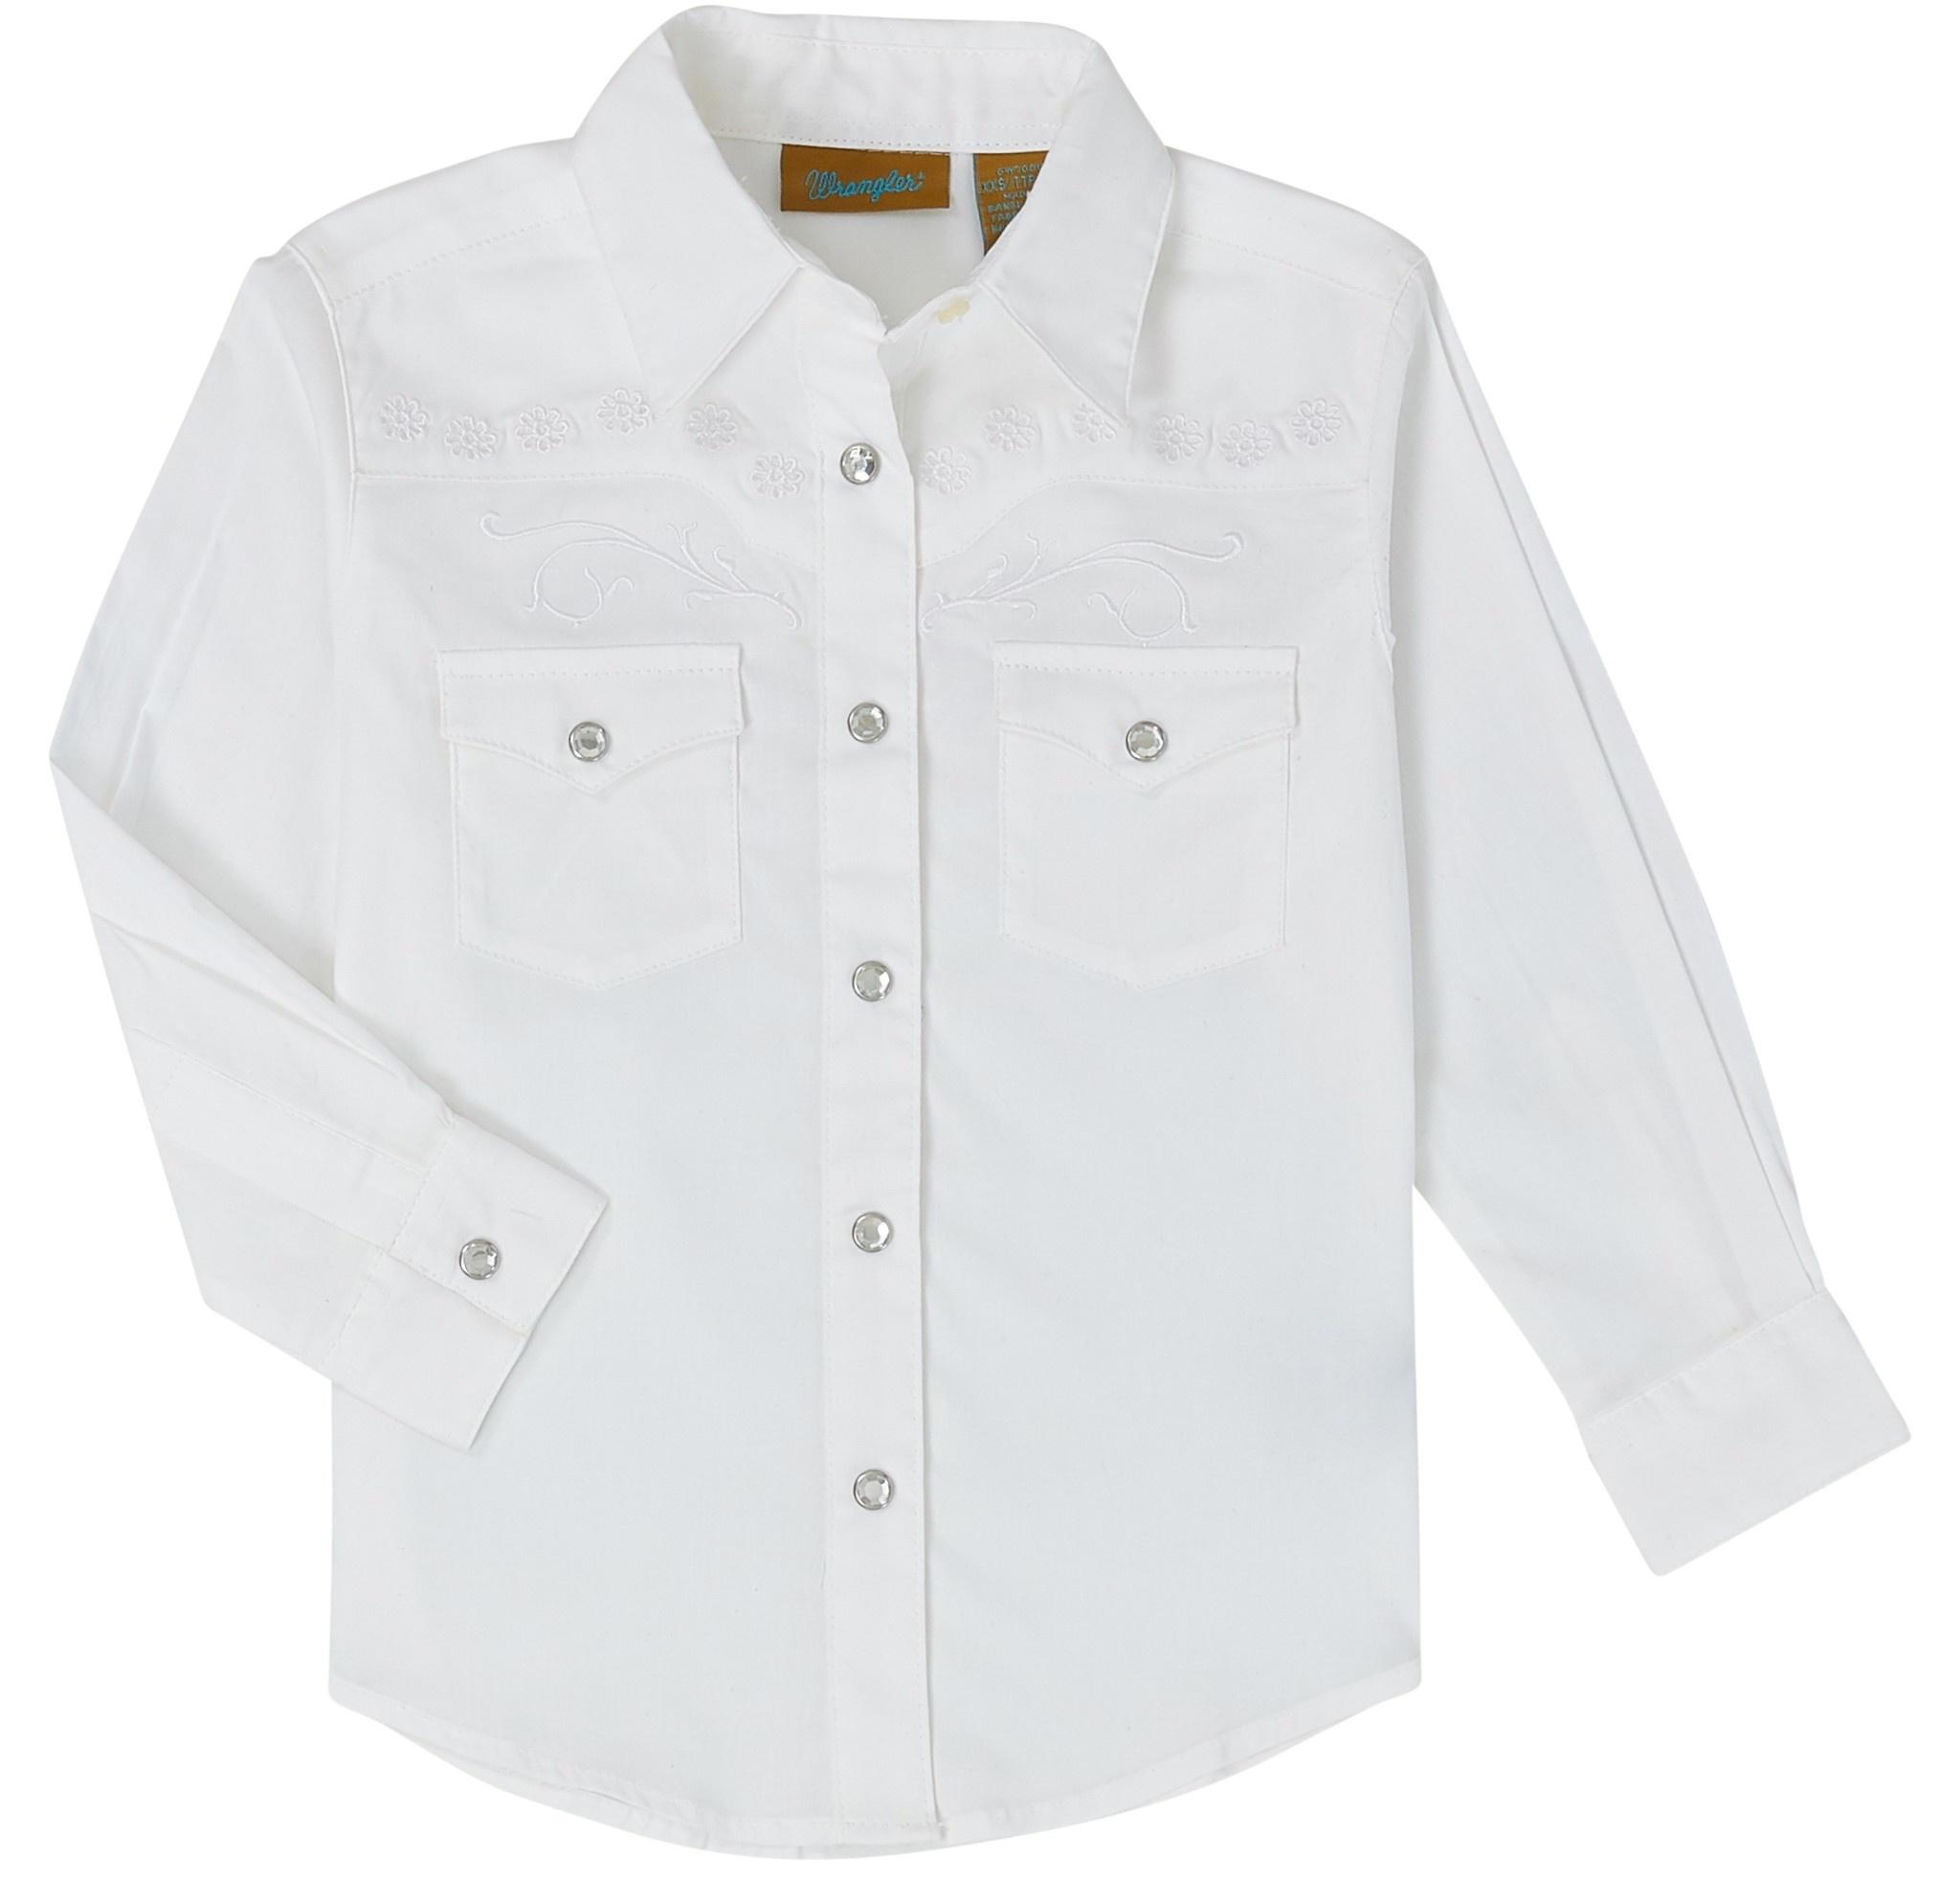 Wrangler Girl's Wrangler White Western Snap Shirt